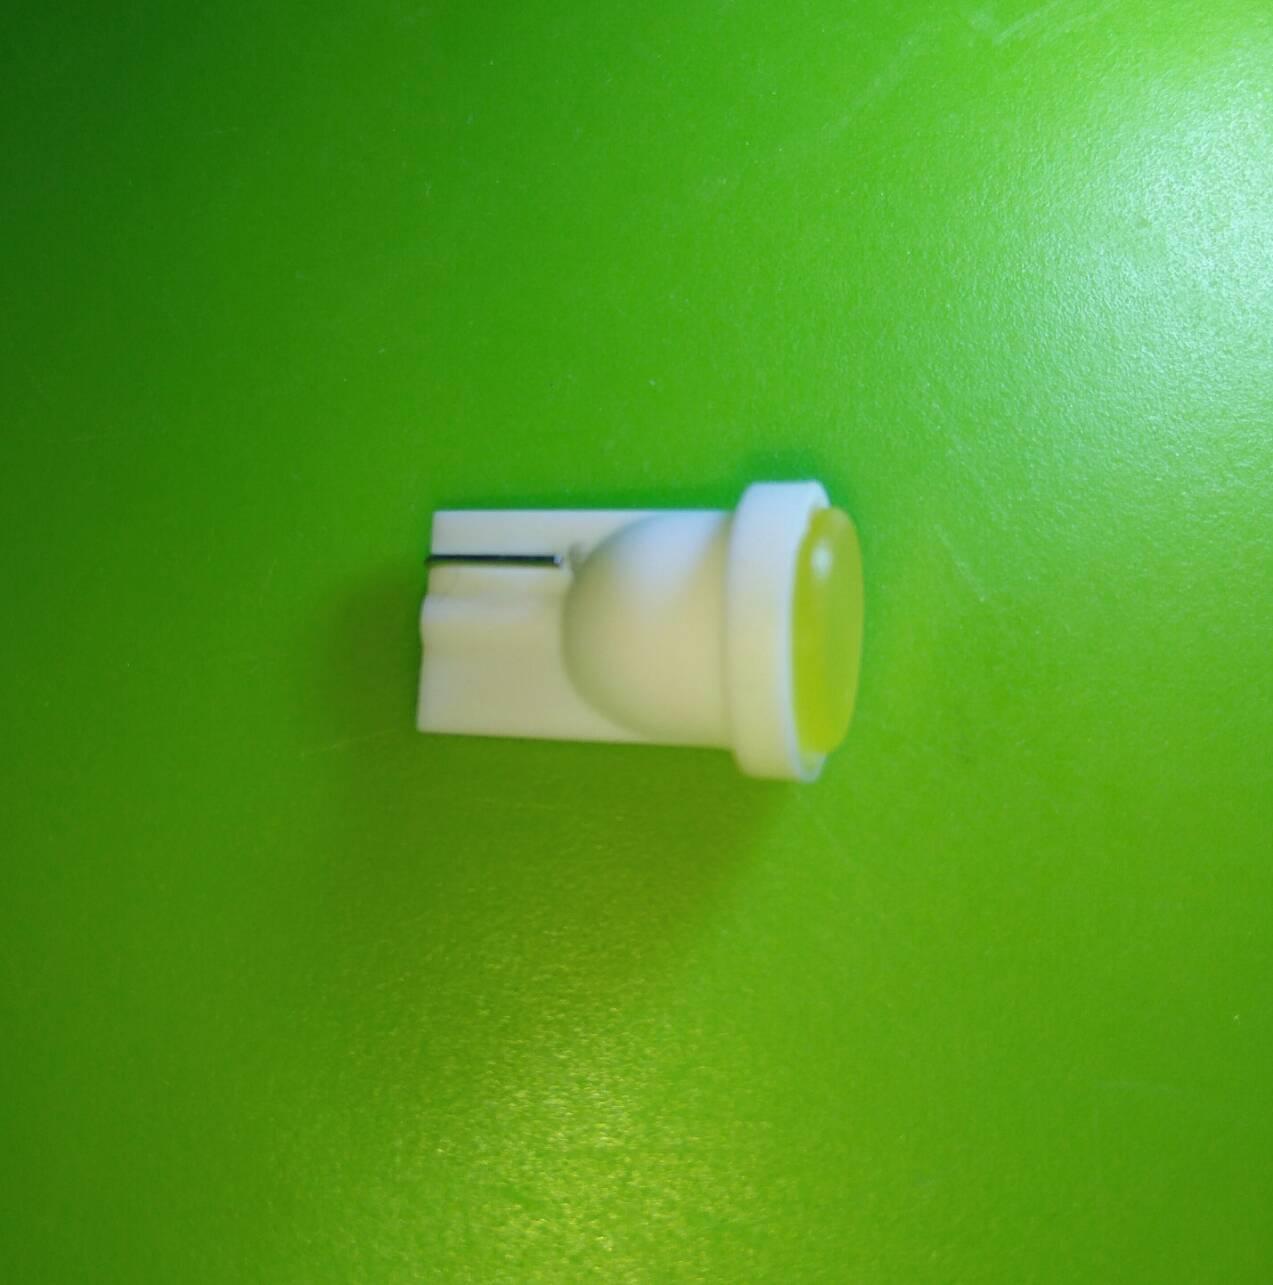 ไฟส่องป้ายทะเบียน LED ขา T10